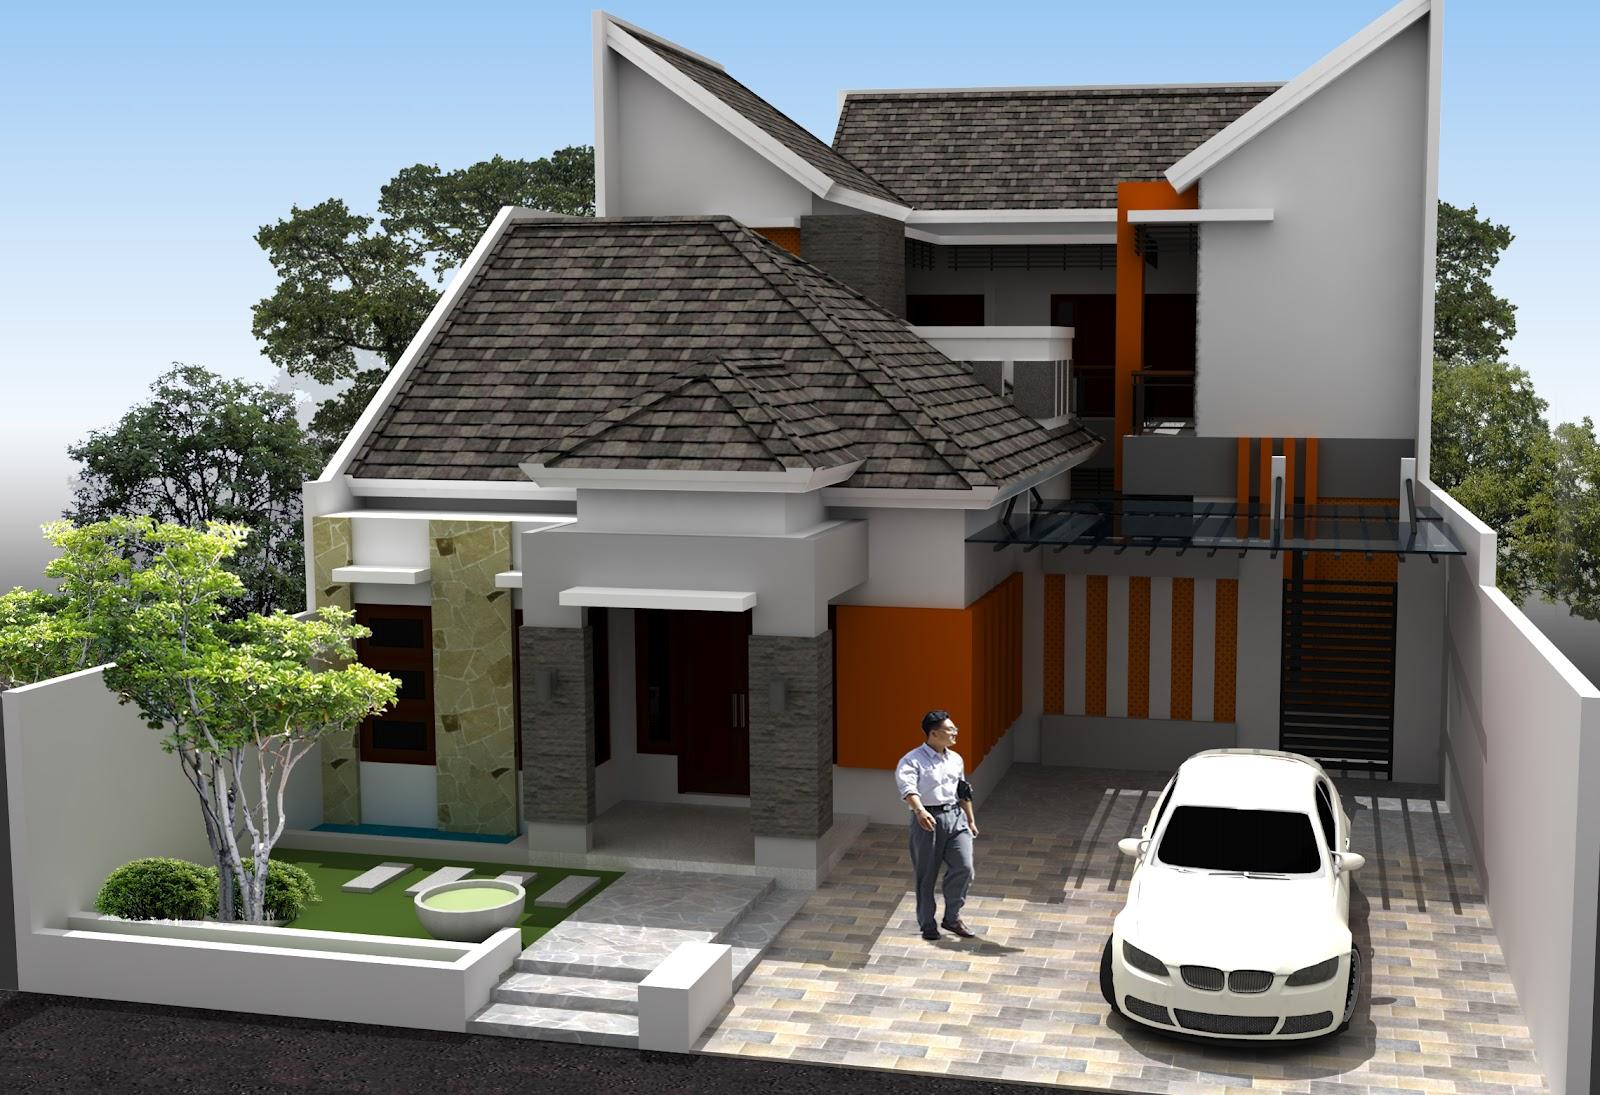 103 Aneka Gambar Rumah Minimalis Sederhana Gambar Desain Rumah